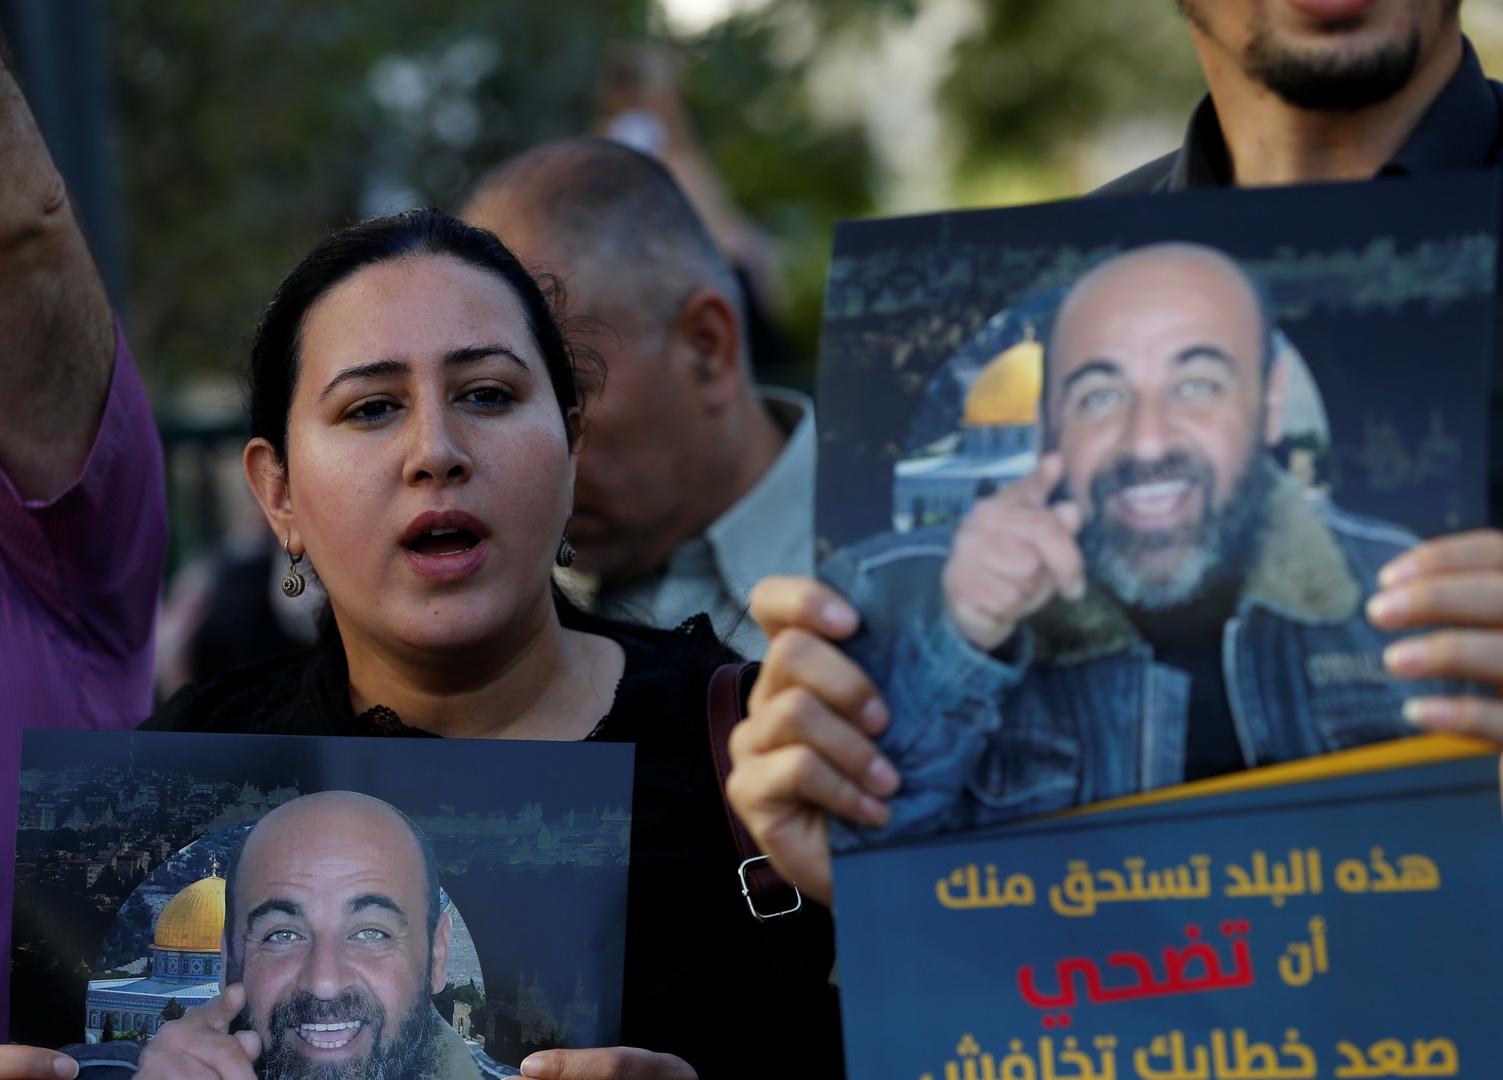 القضاء العسكري الفلسطيني يتسلم تقريري لجنة التحقيق والنائب العام المدني بقضية مقتل نزار بنات